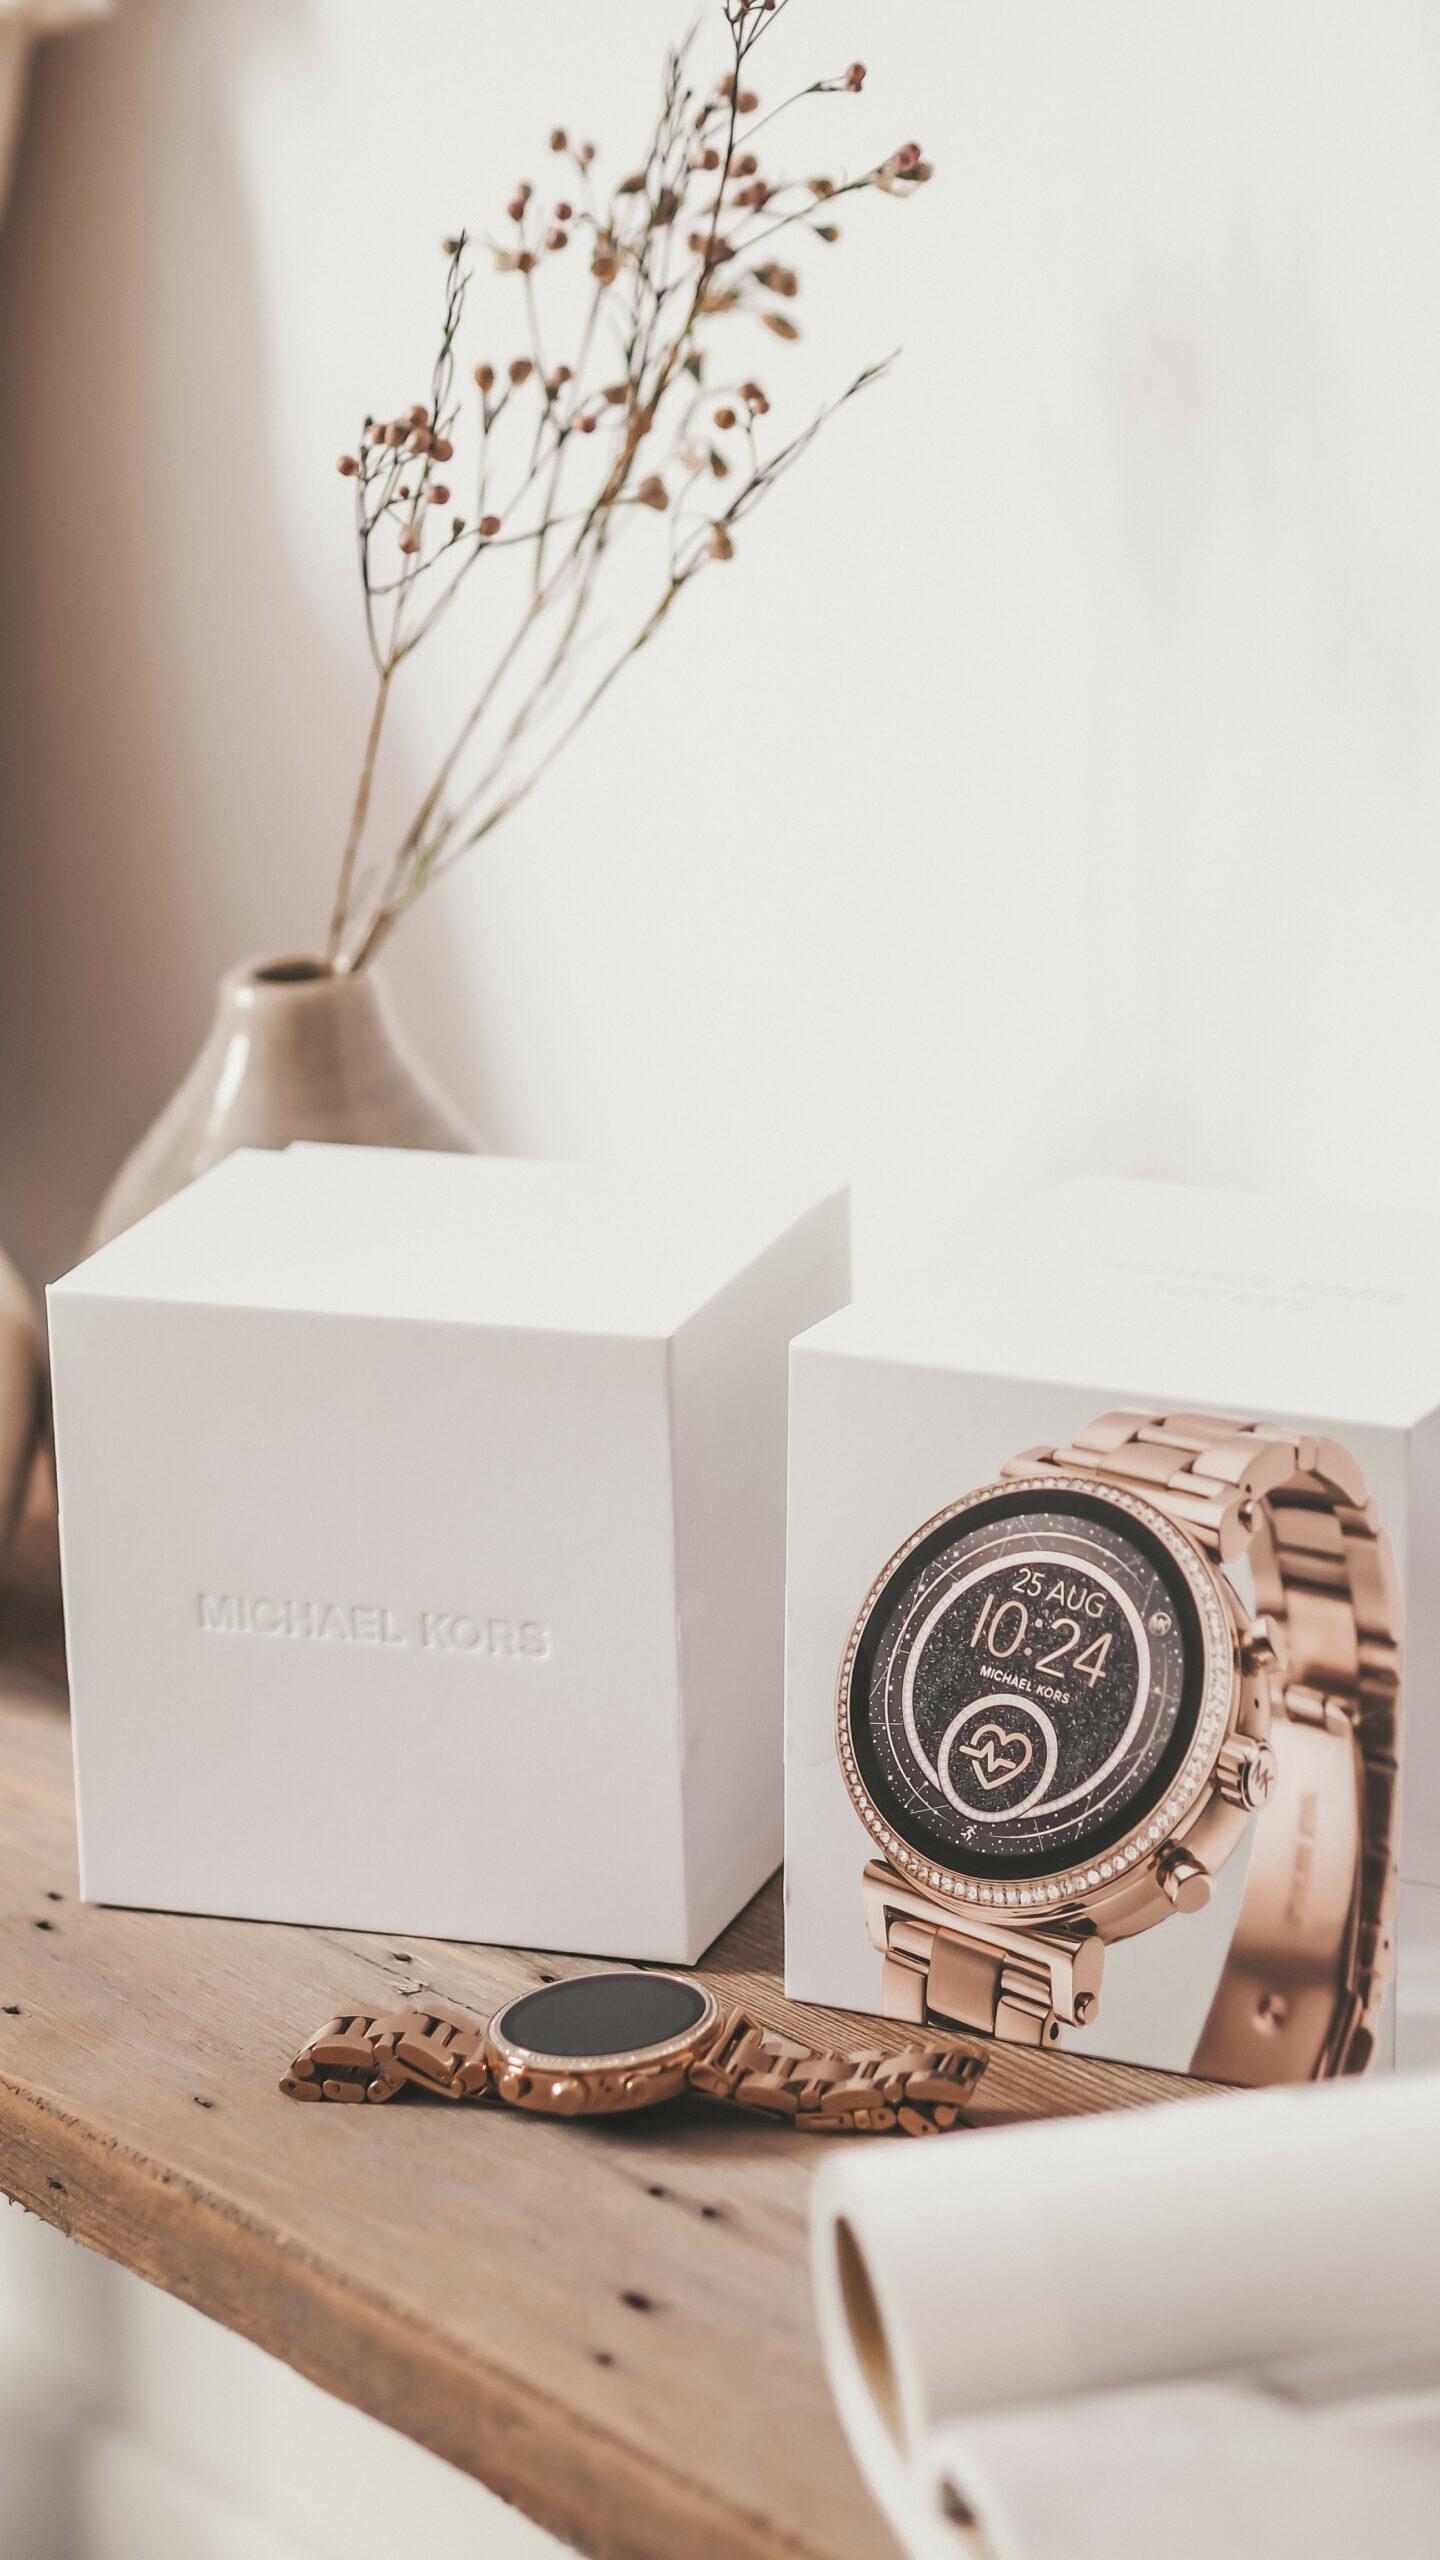 Michael Kors Sofie Gen 4 Display Smartwatch review